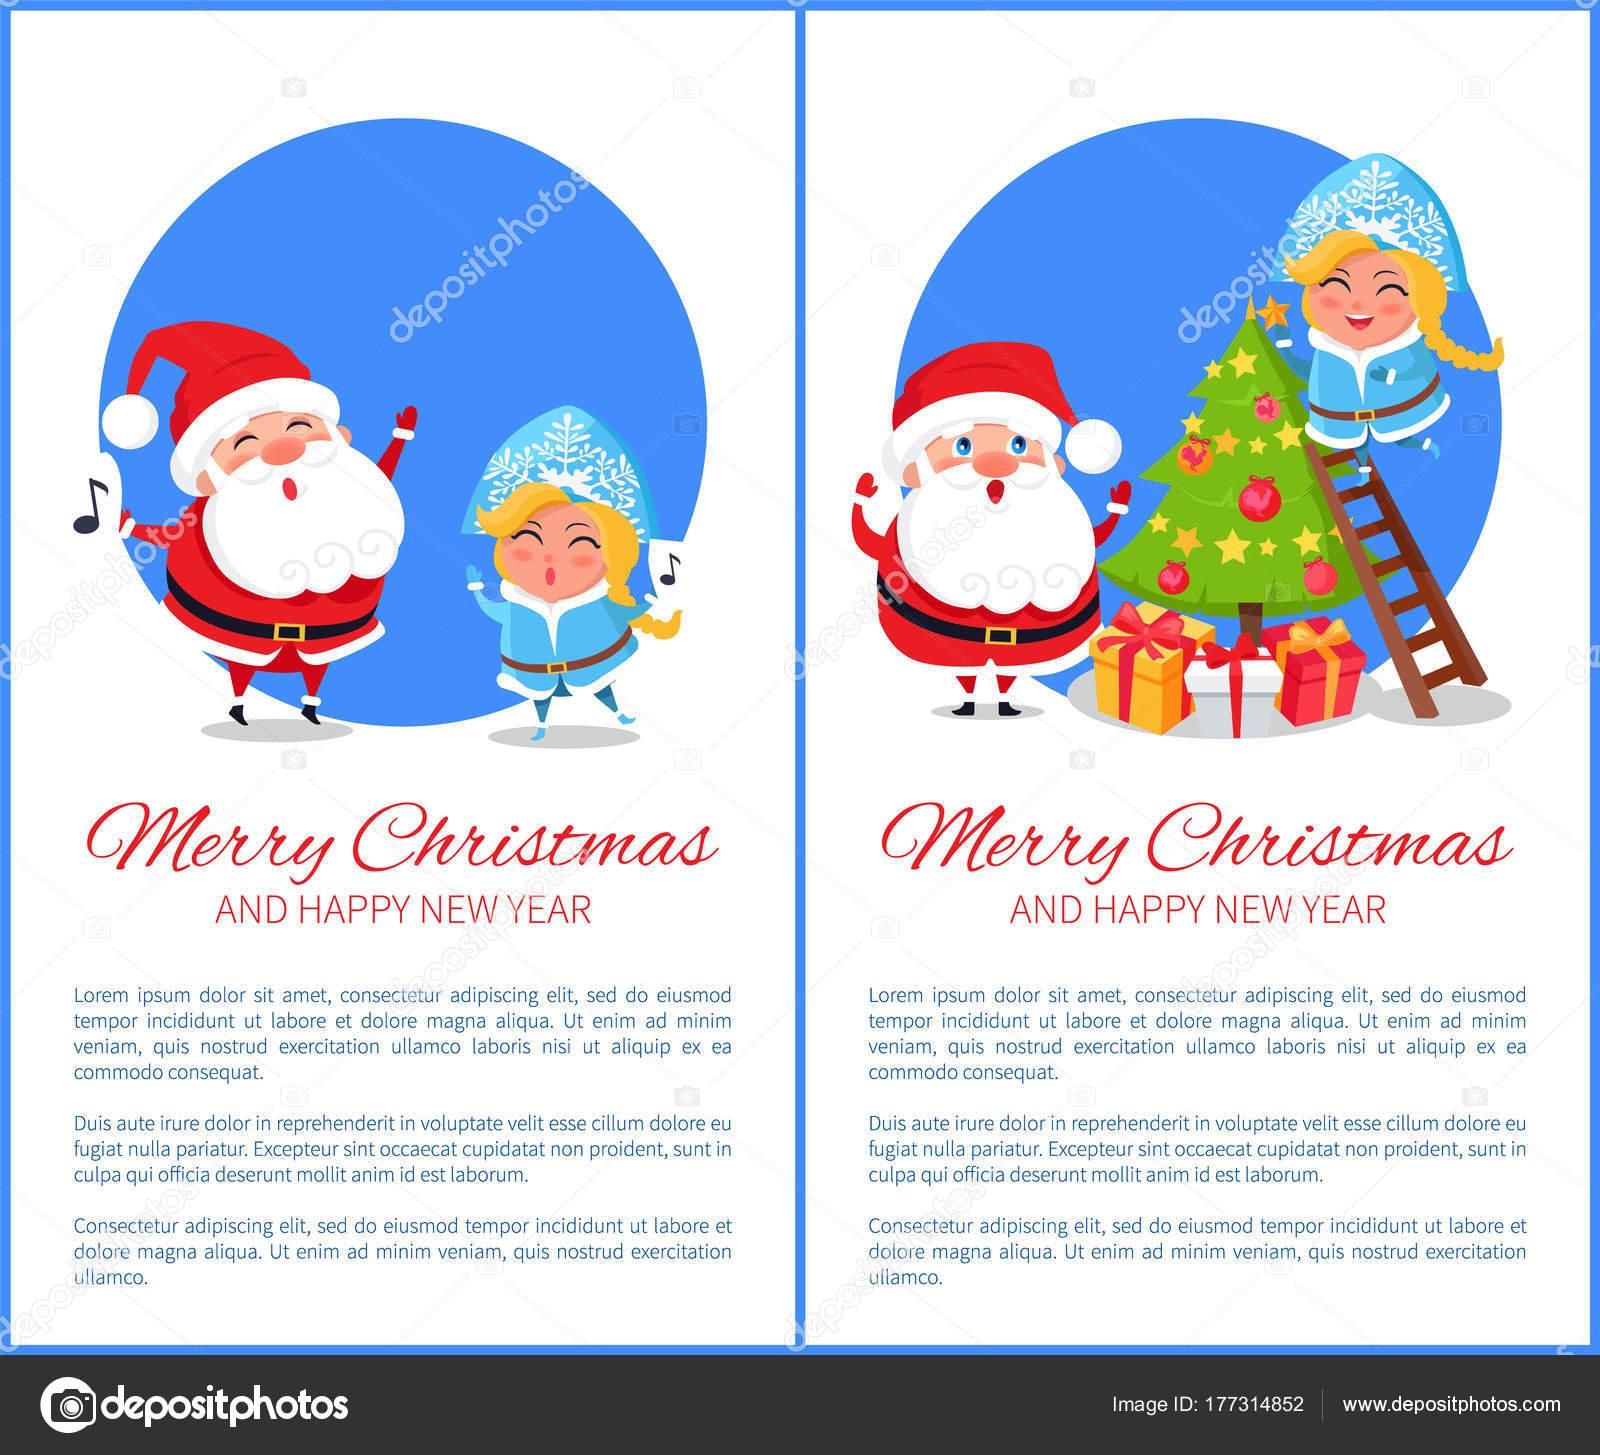 Villancico Feliz Navidad A Todos.Ilustracion De Vector De Feliz Navidad Cantando Villancicos